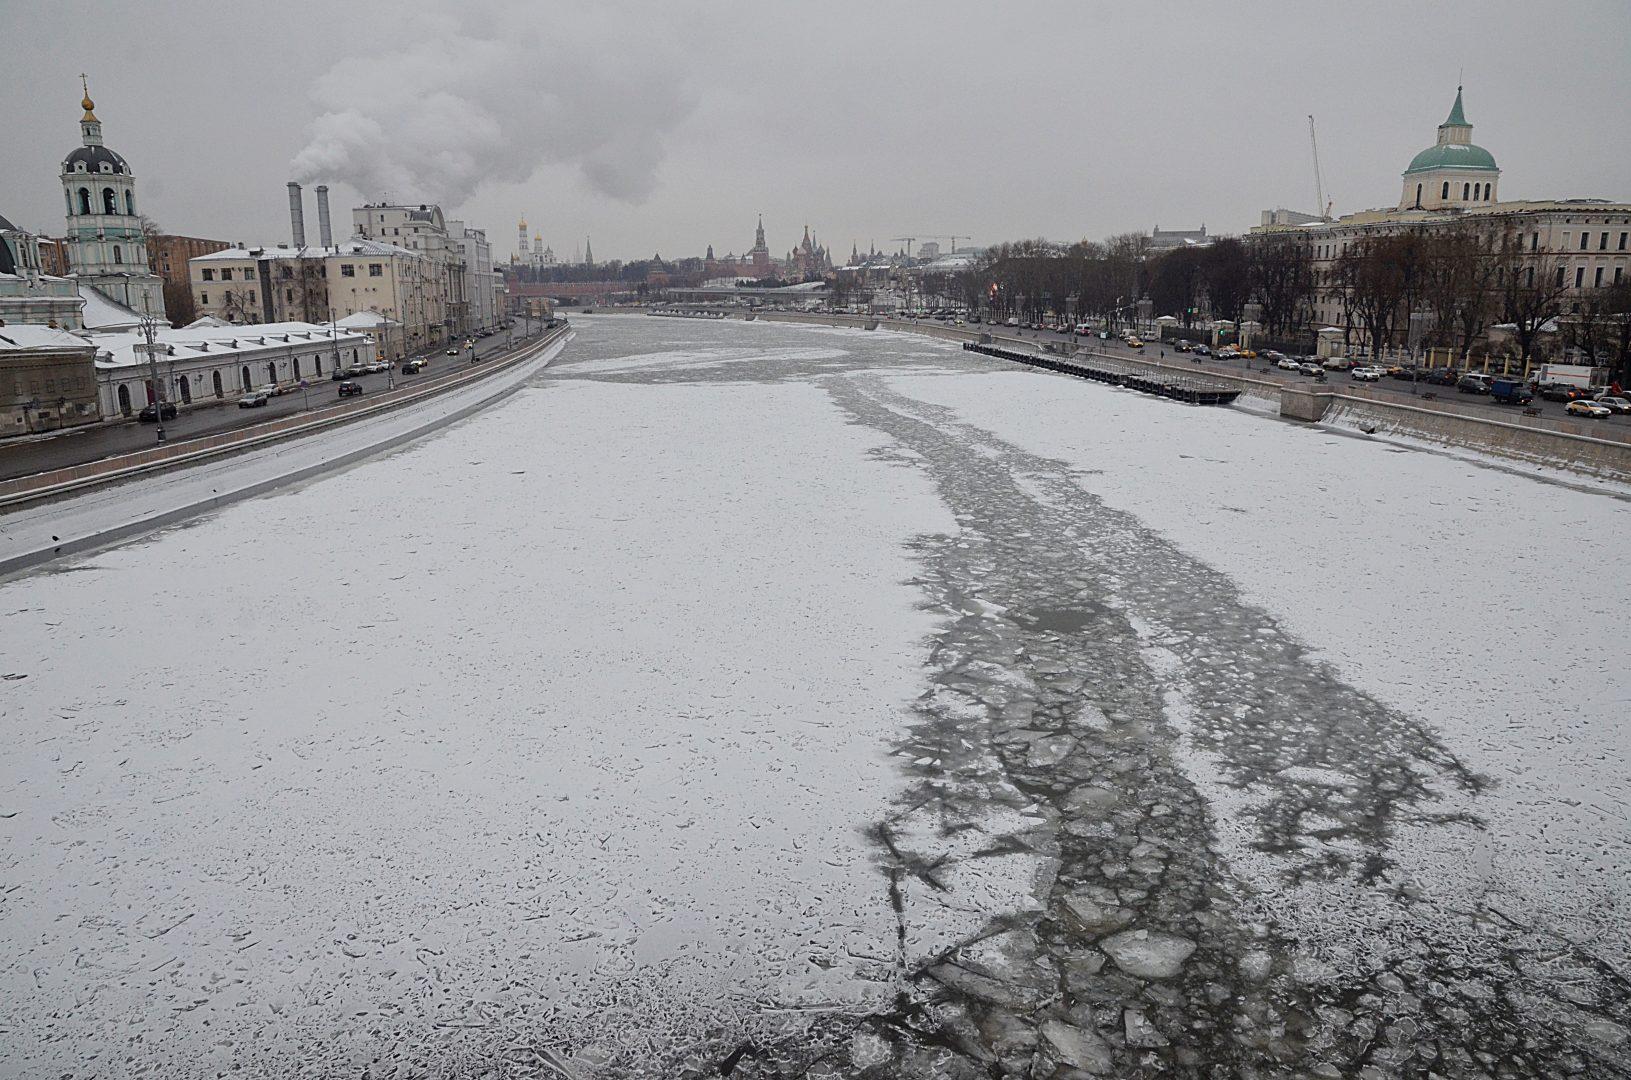 Жителей Москвы предупредили о погодных изменениях. Фото: Анна Быкова